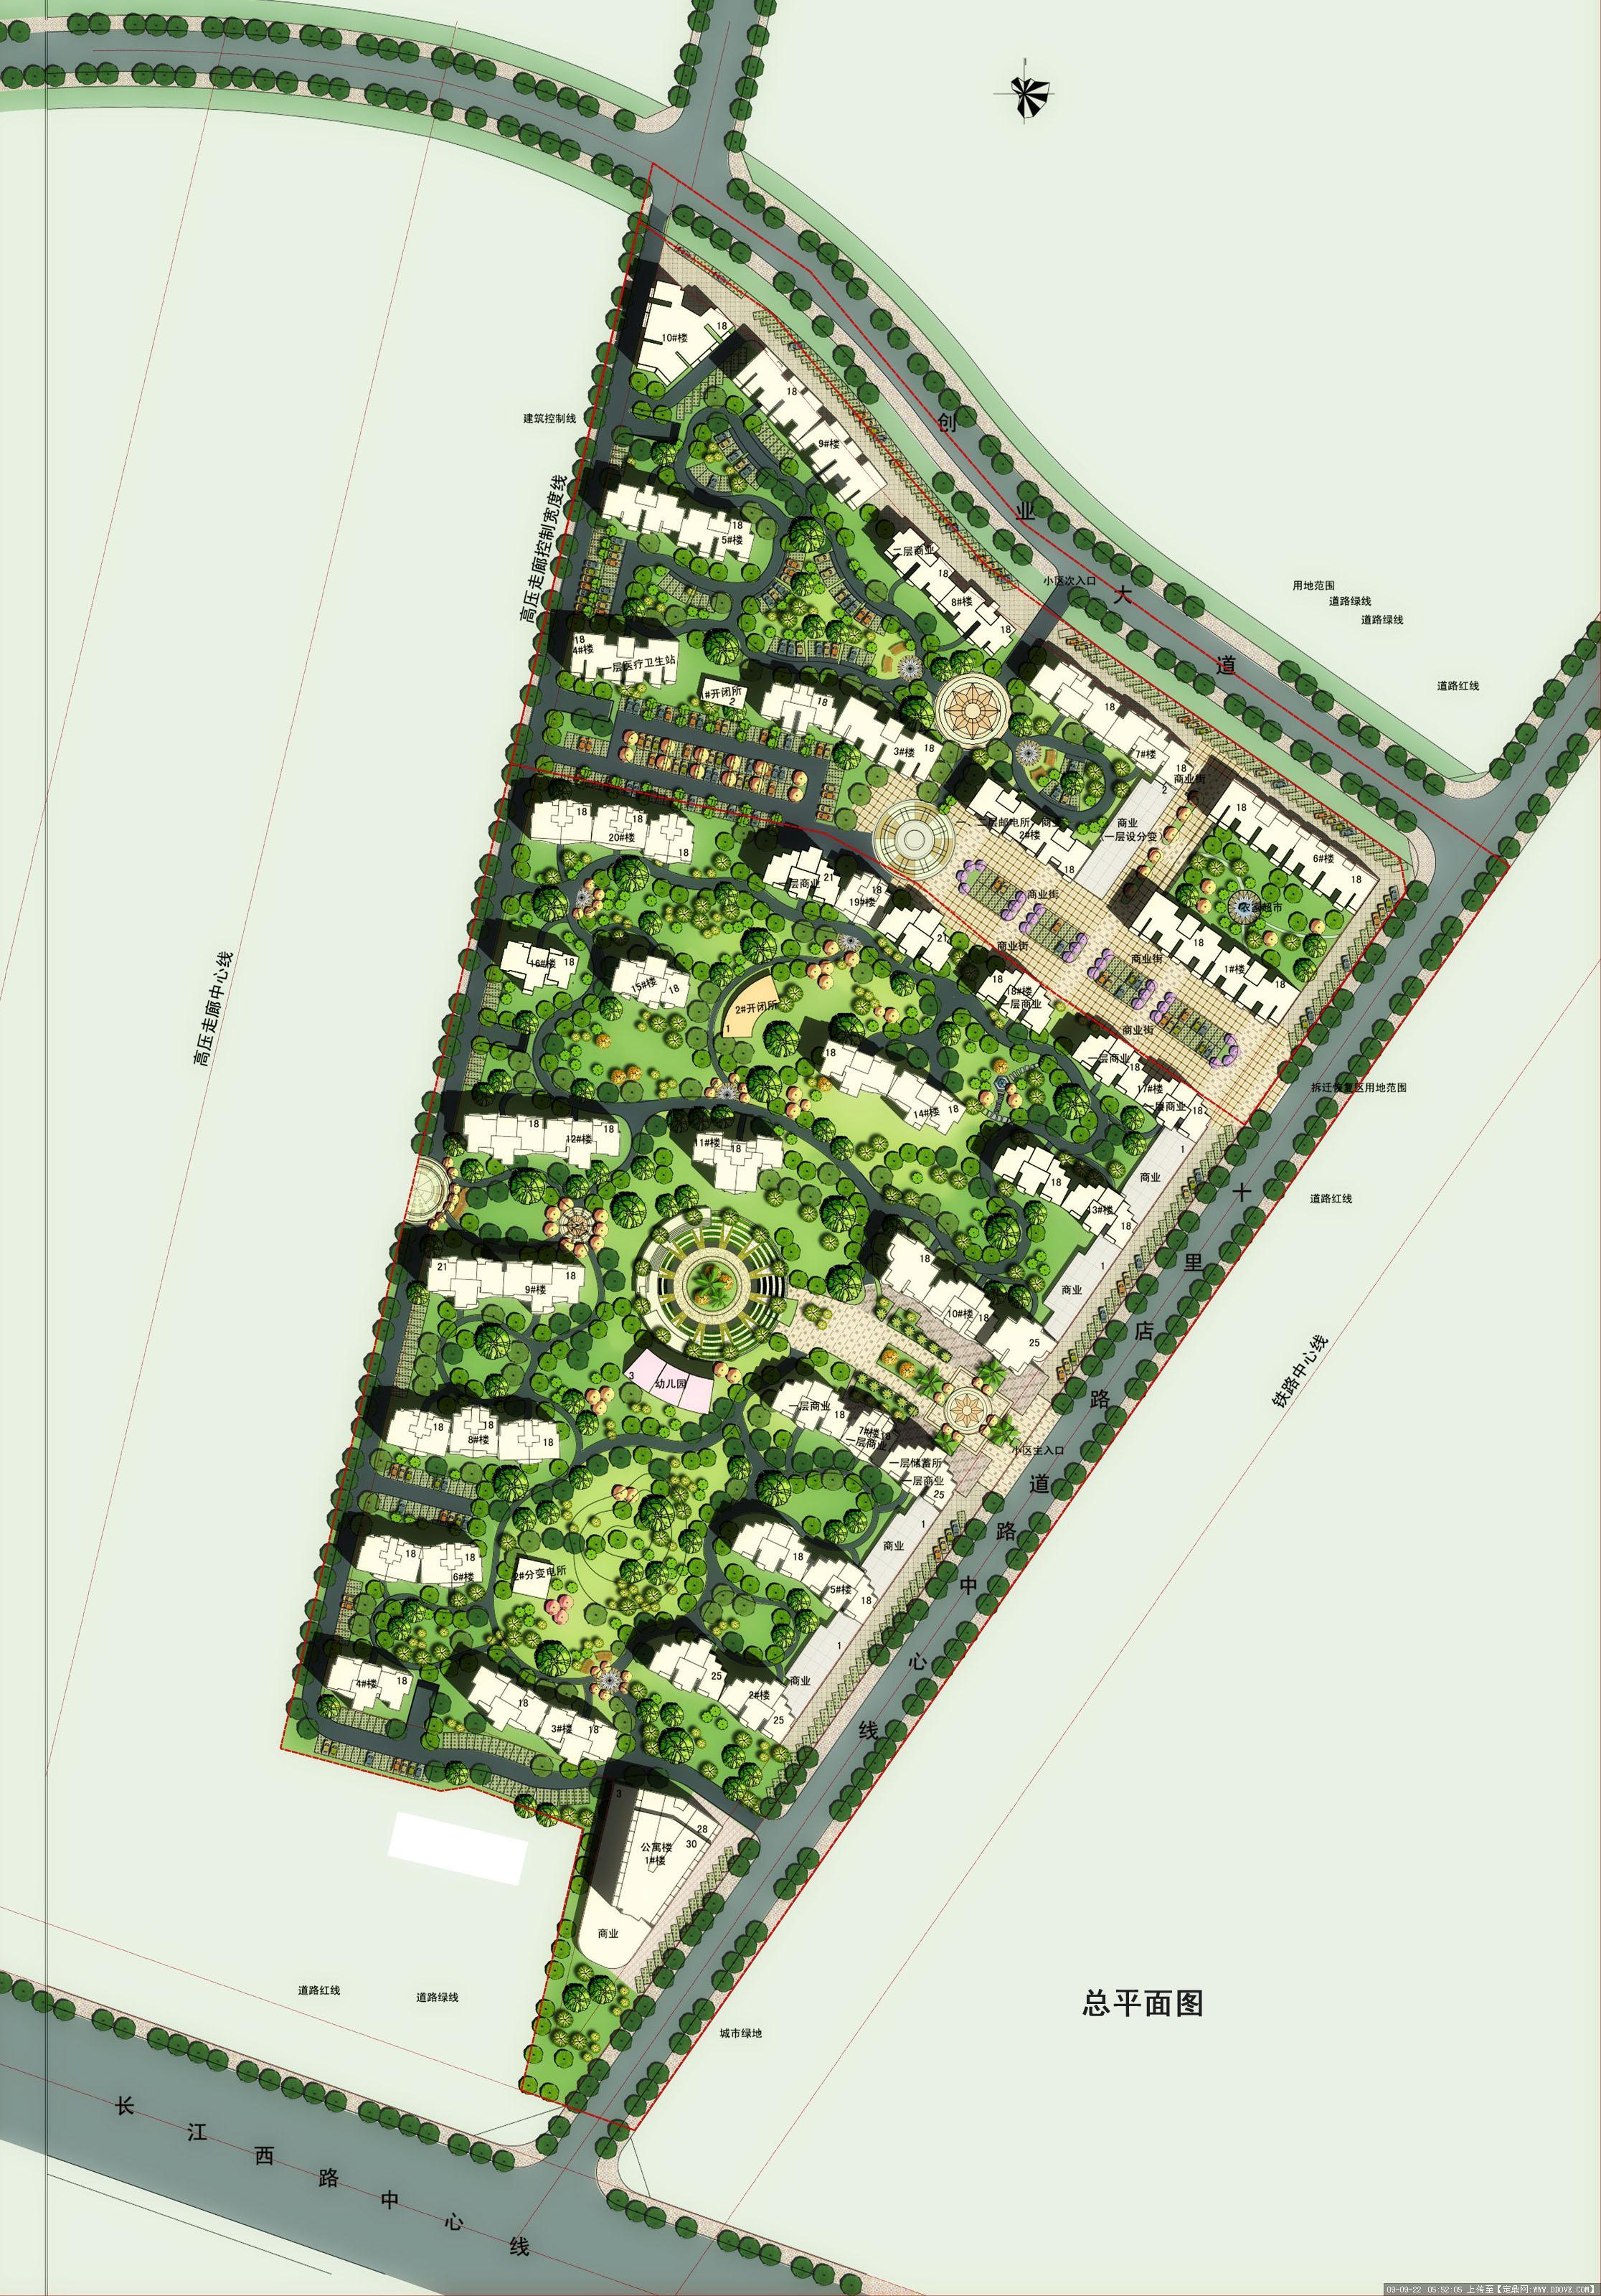 住宅小区景观规划方案CAD总平图的下载地址,园林方案设计,居住